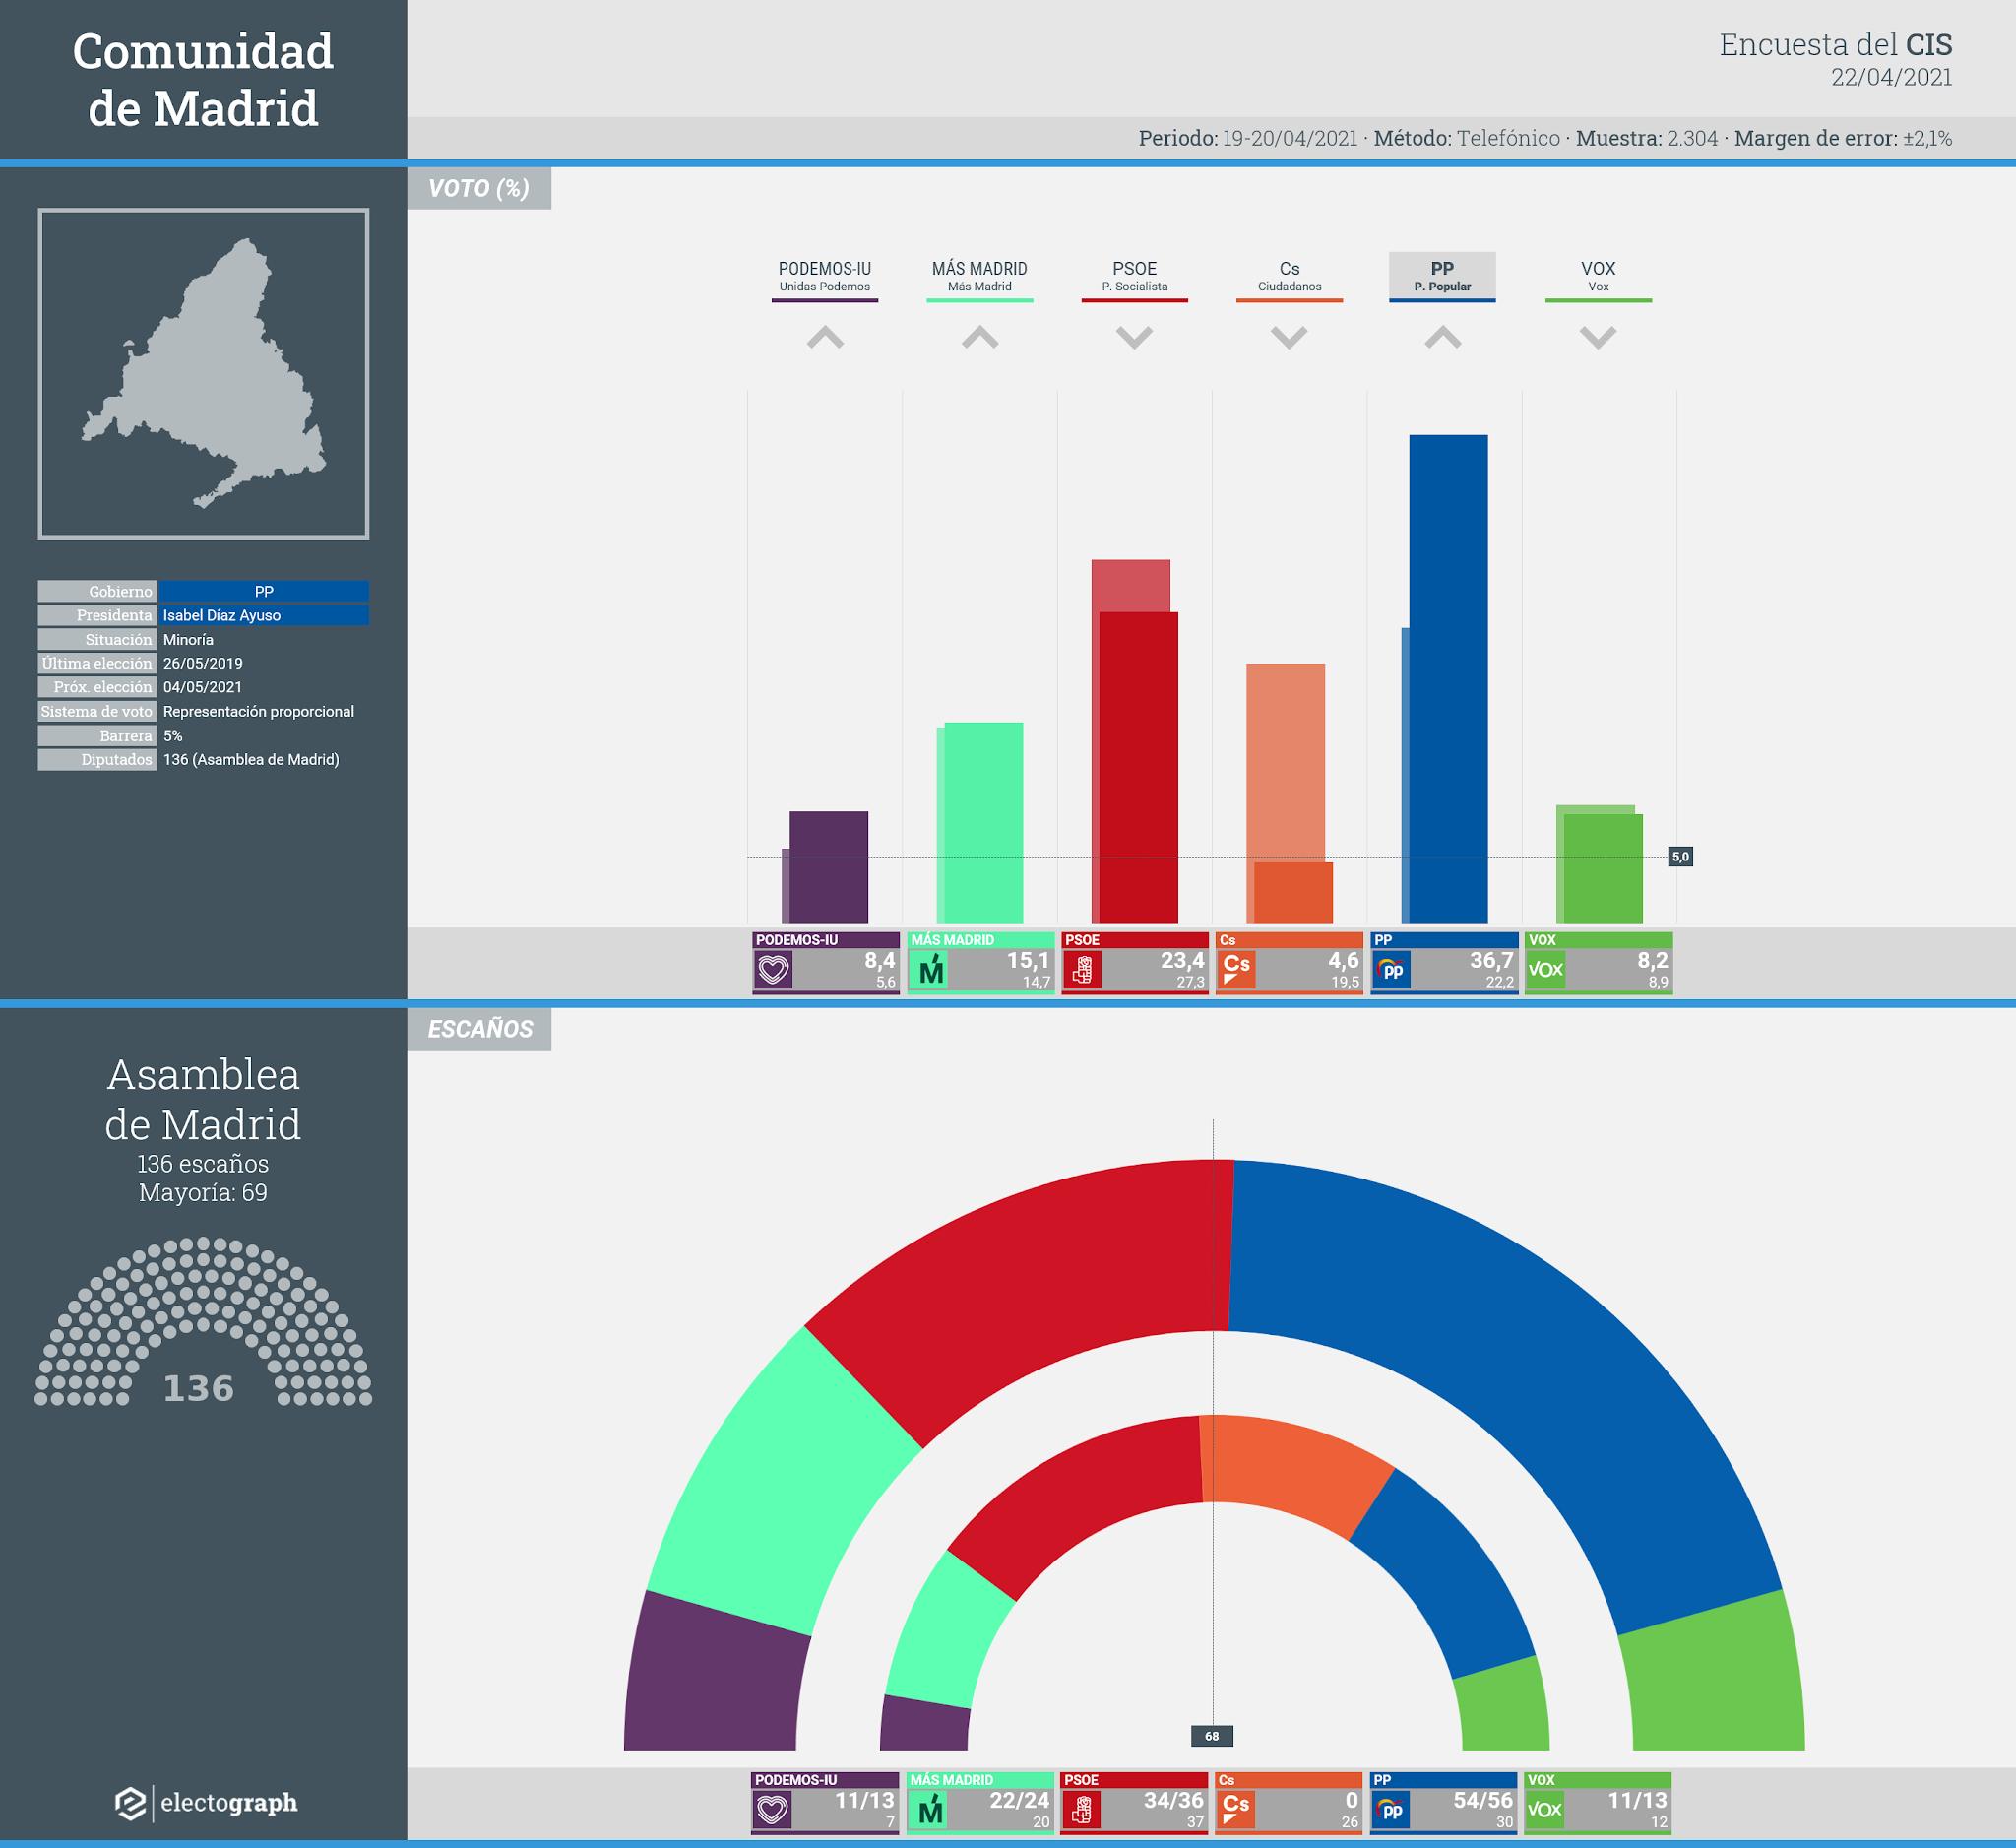 Gráfico de la encuesta para elecciones autonómicas en la Comunidad de Madrid realizada por el CIS, 22 de abril de 2021